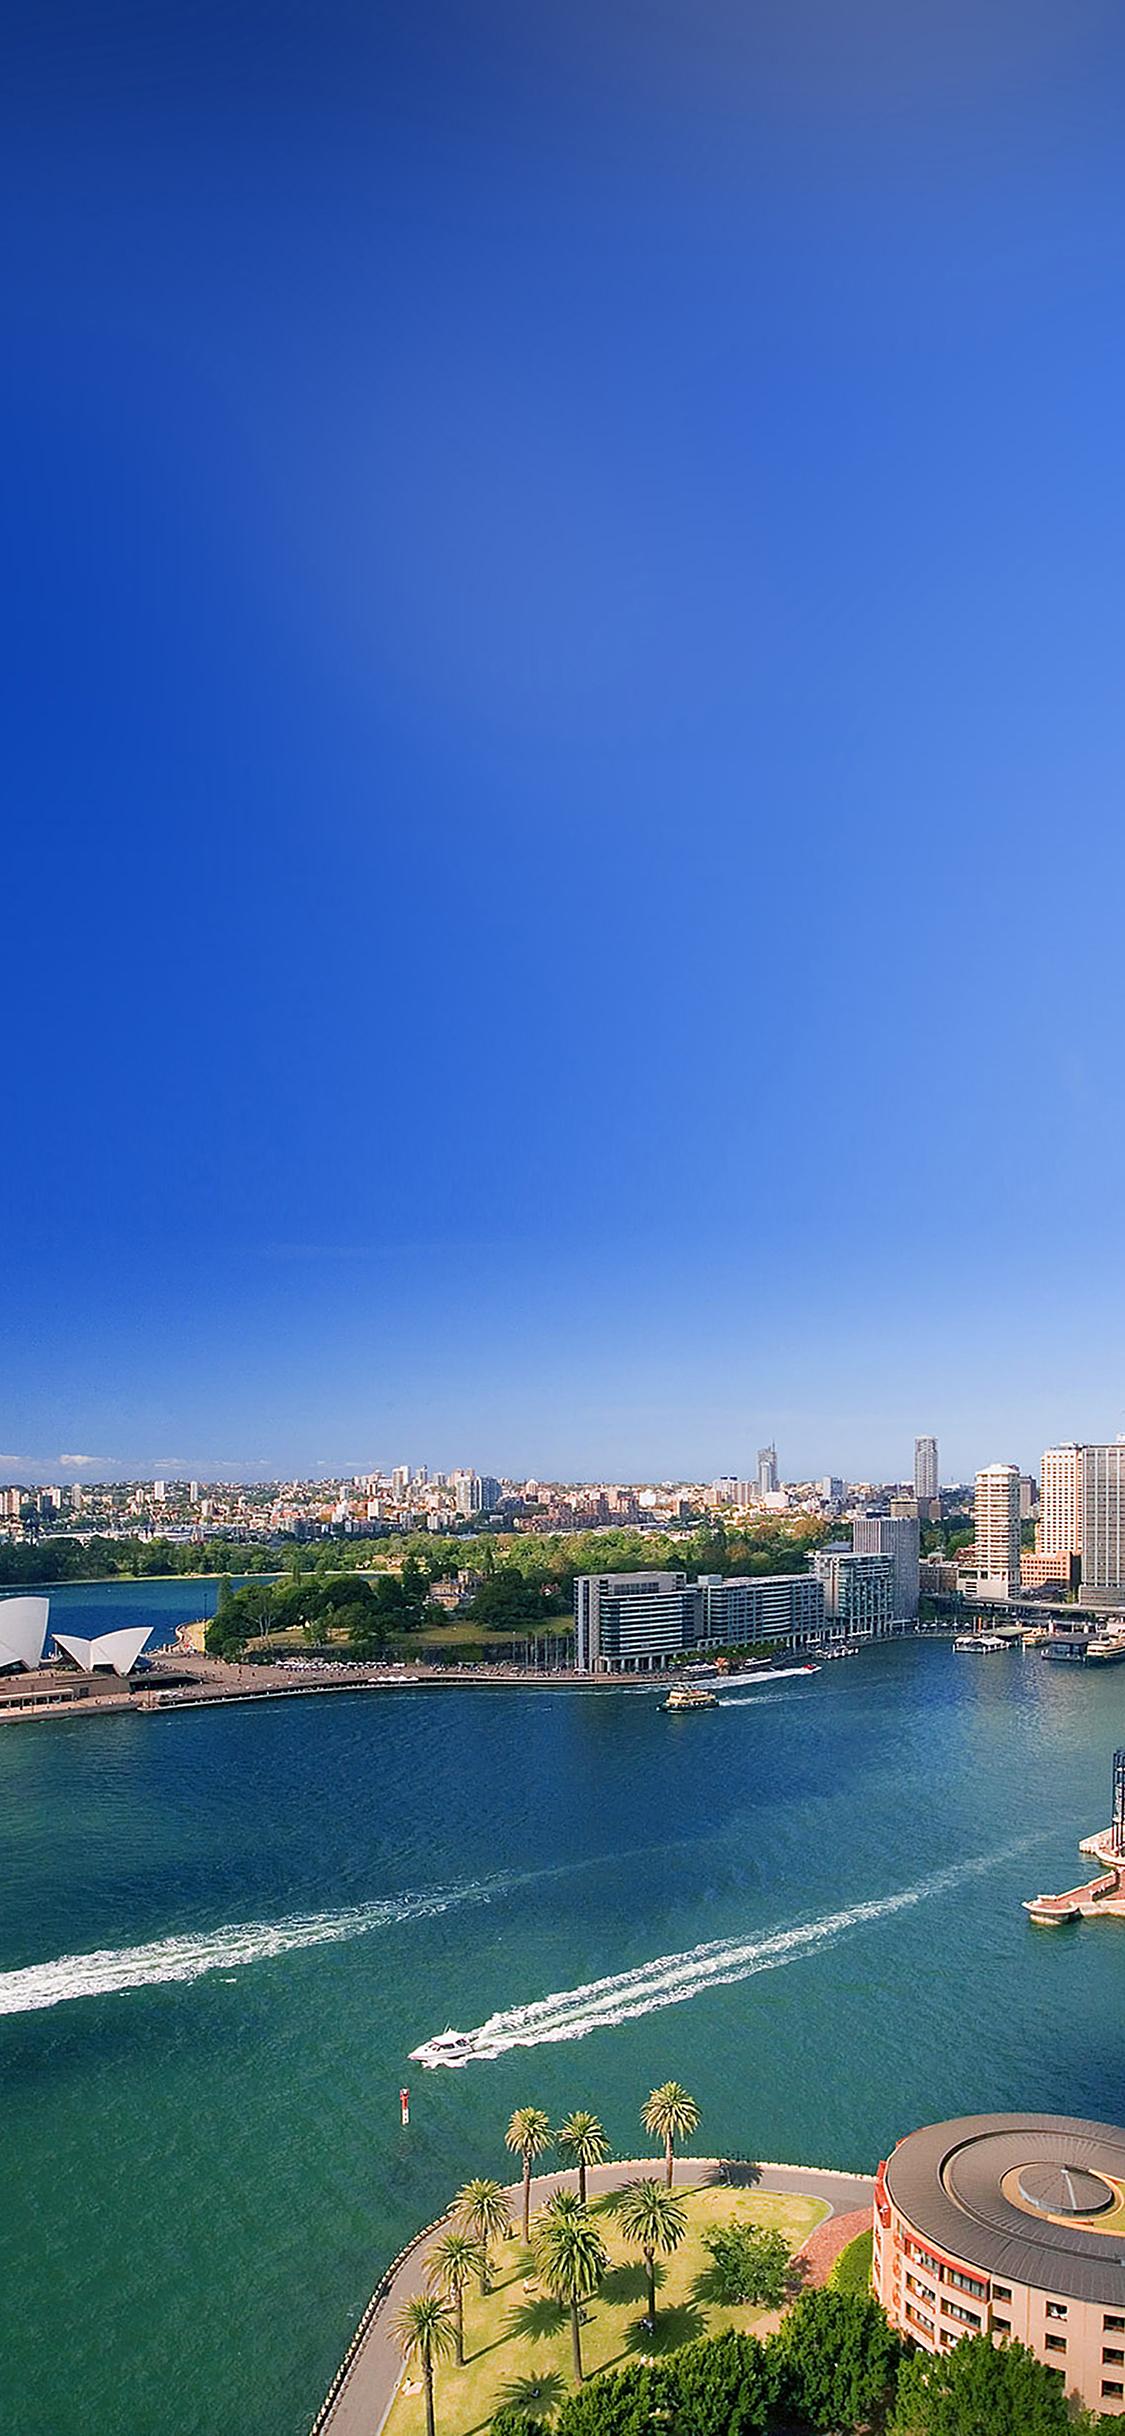 mb18-wallpaper-australia-landscape-city-wallpaper